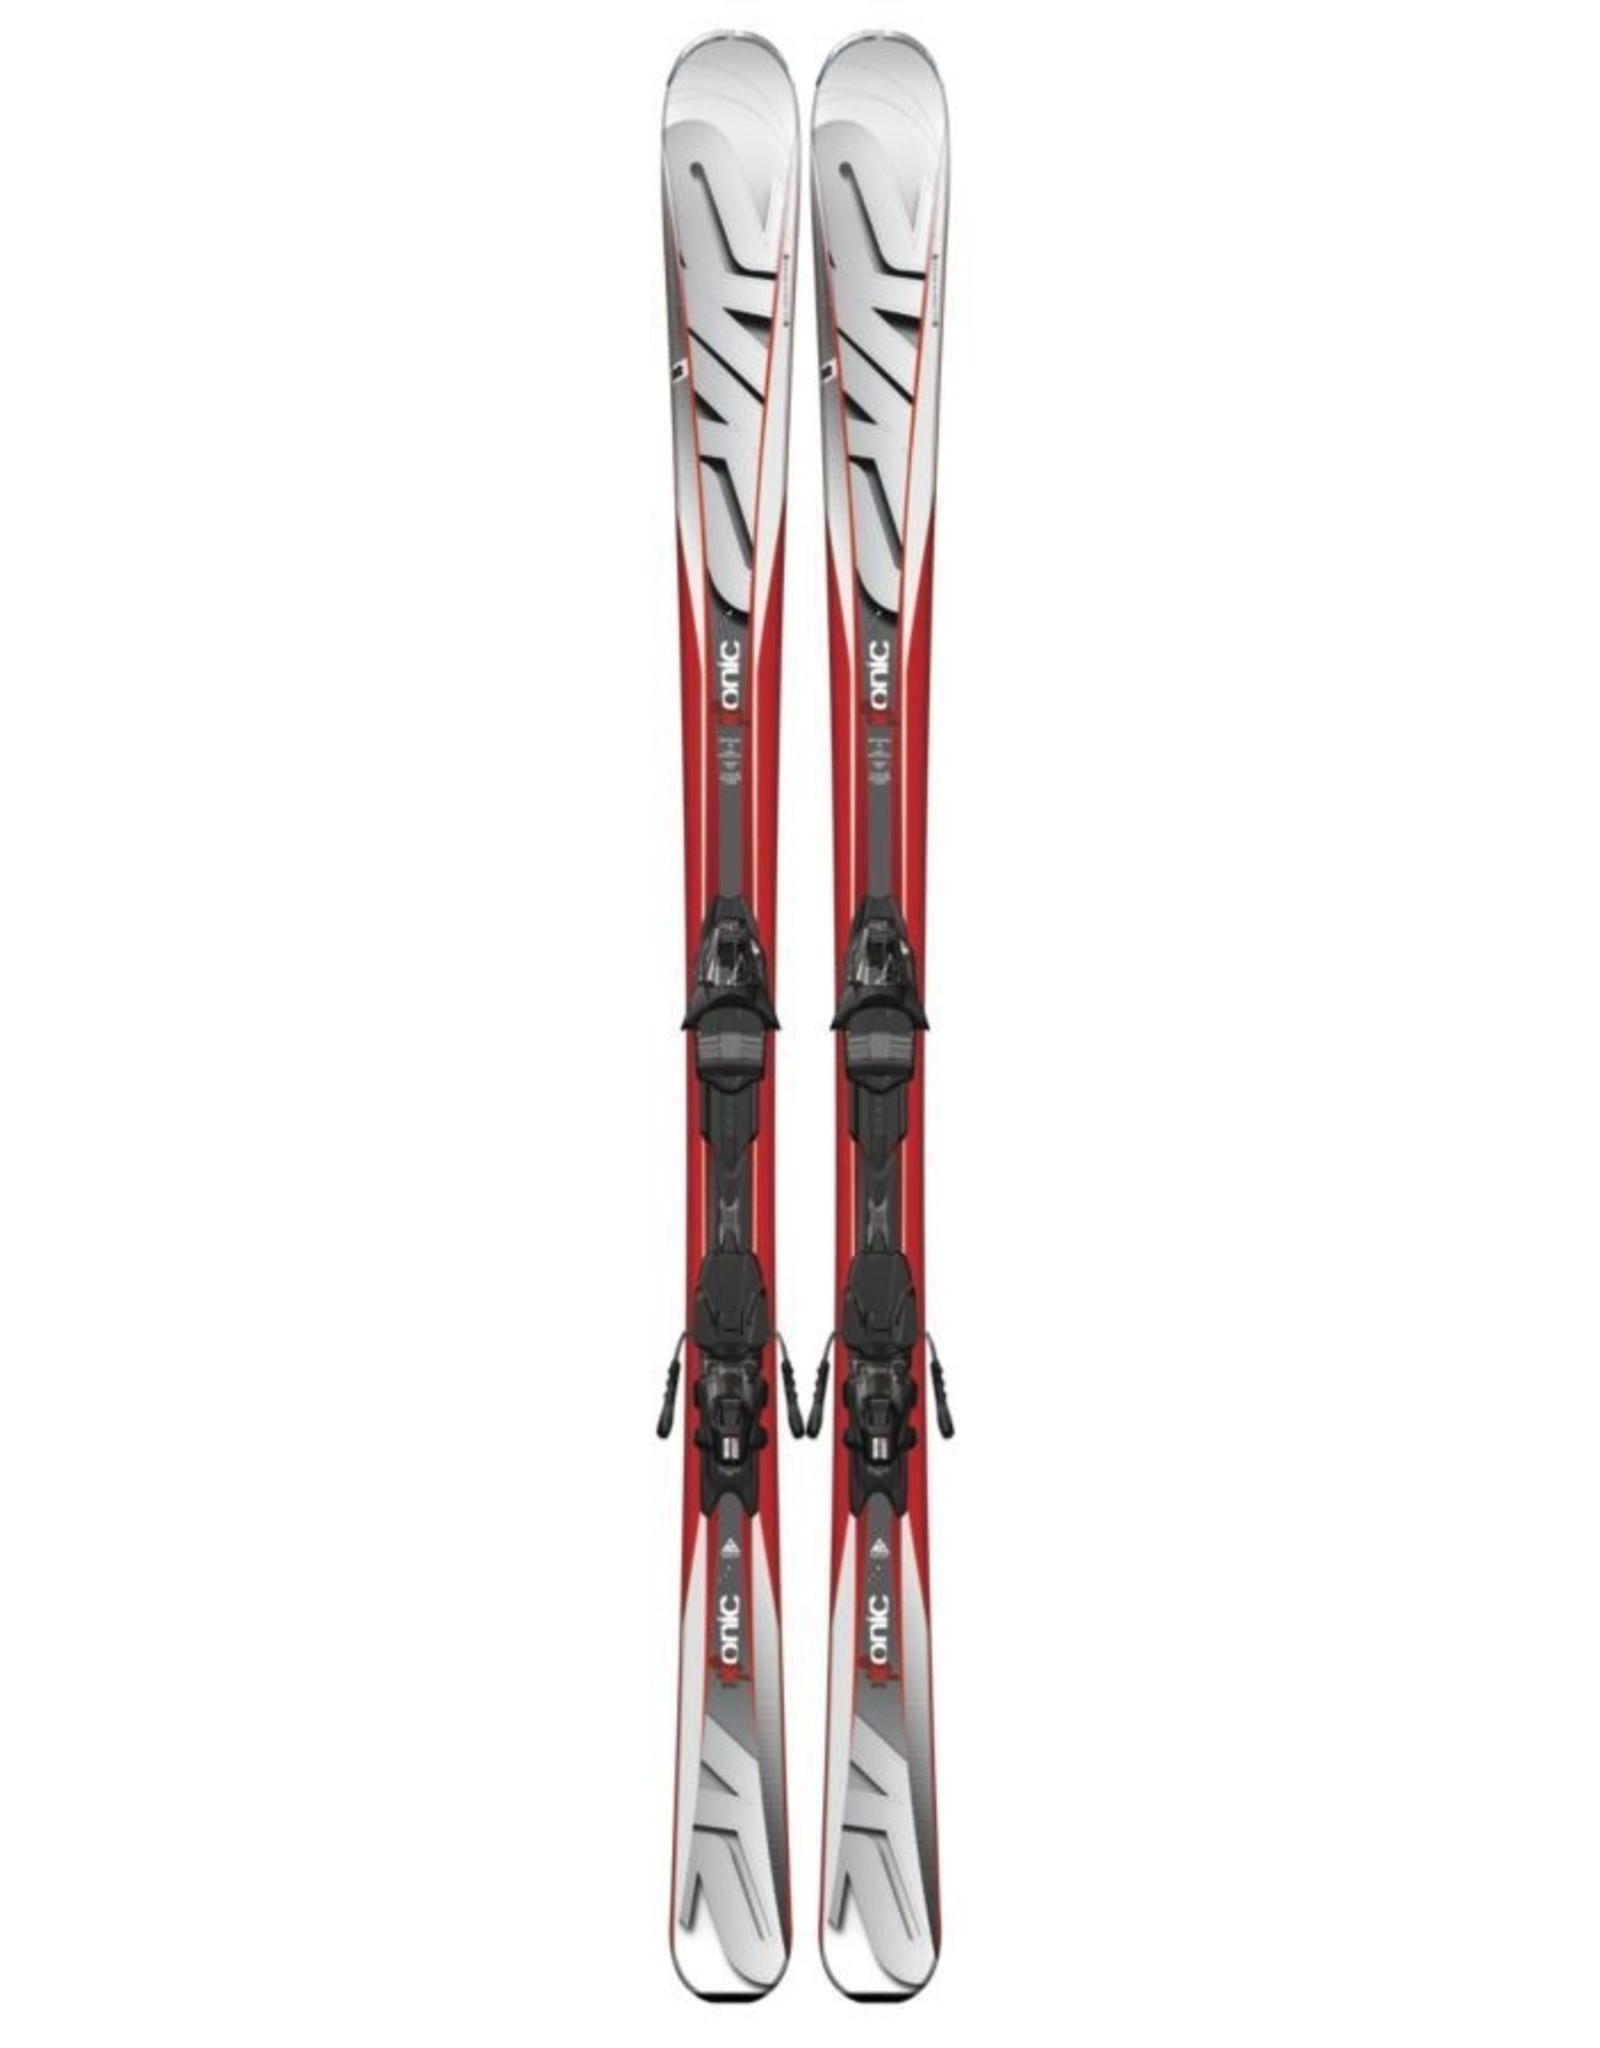 K2 Hiver Ski Alpin K2 Konic 75 177